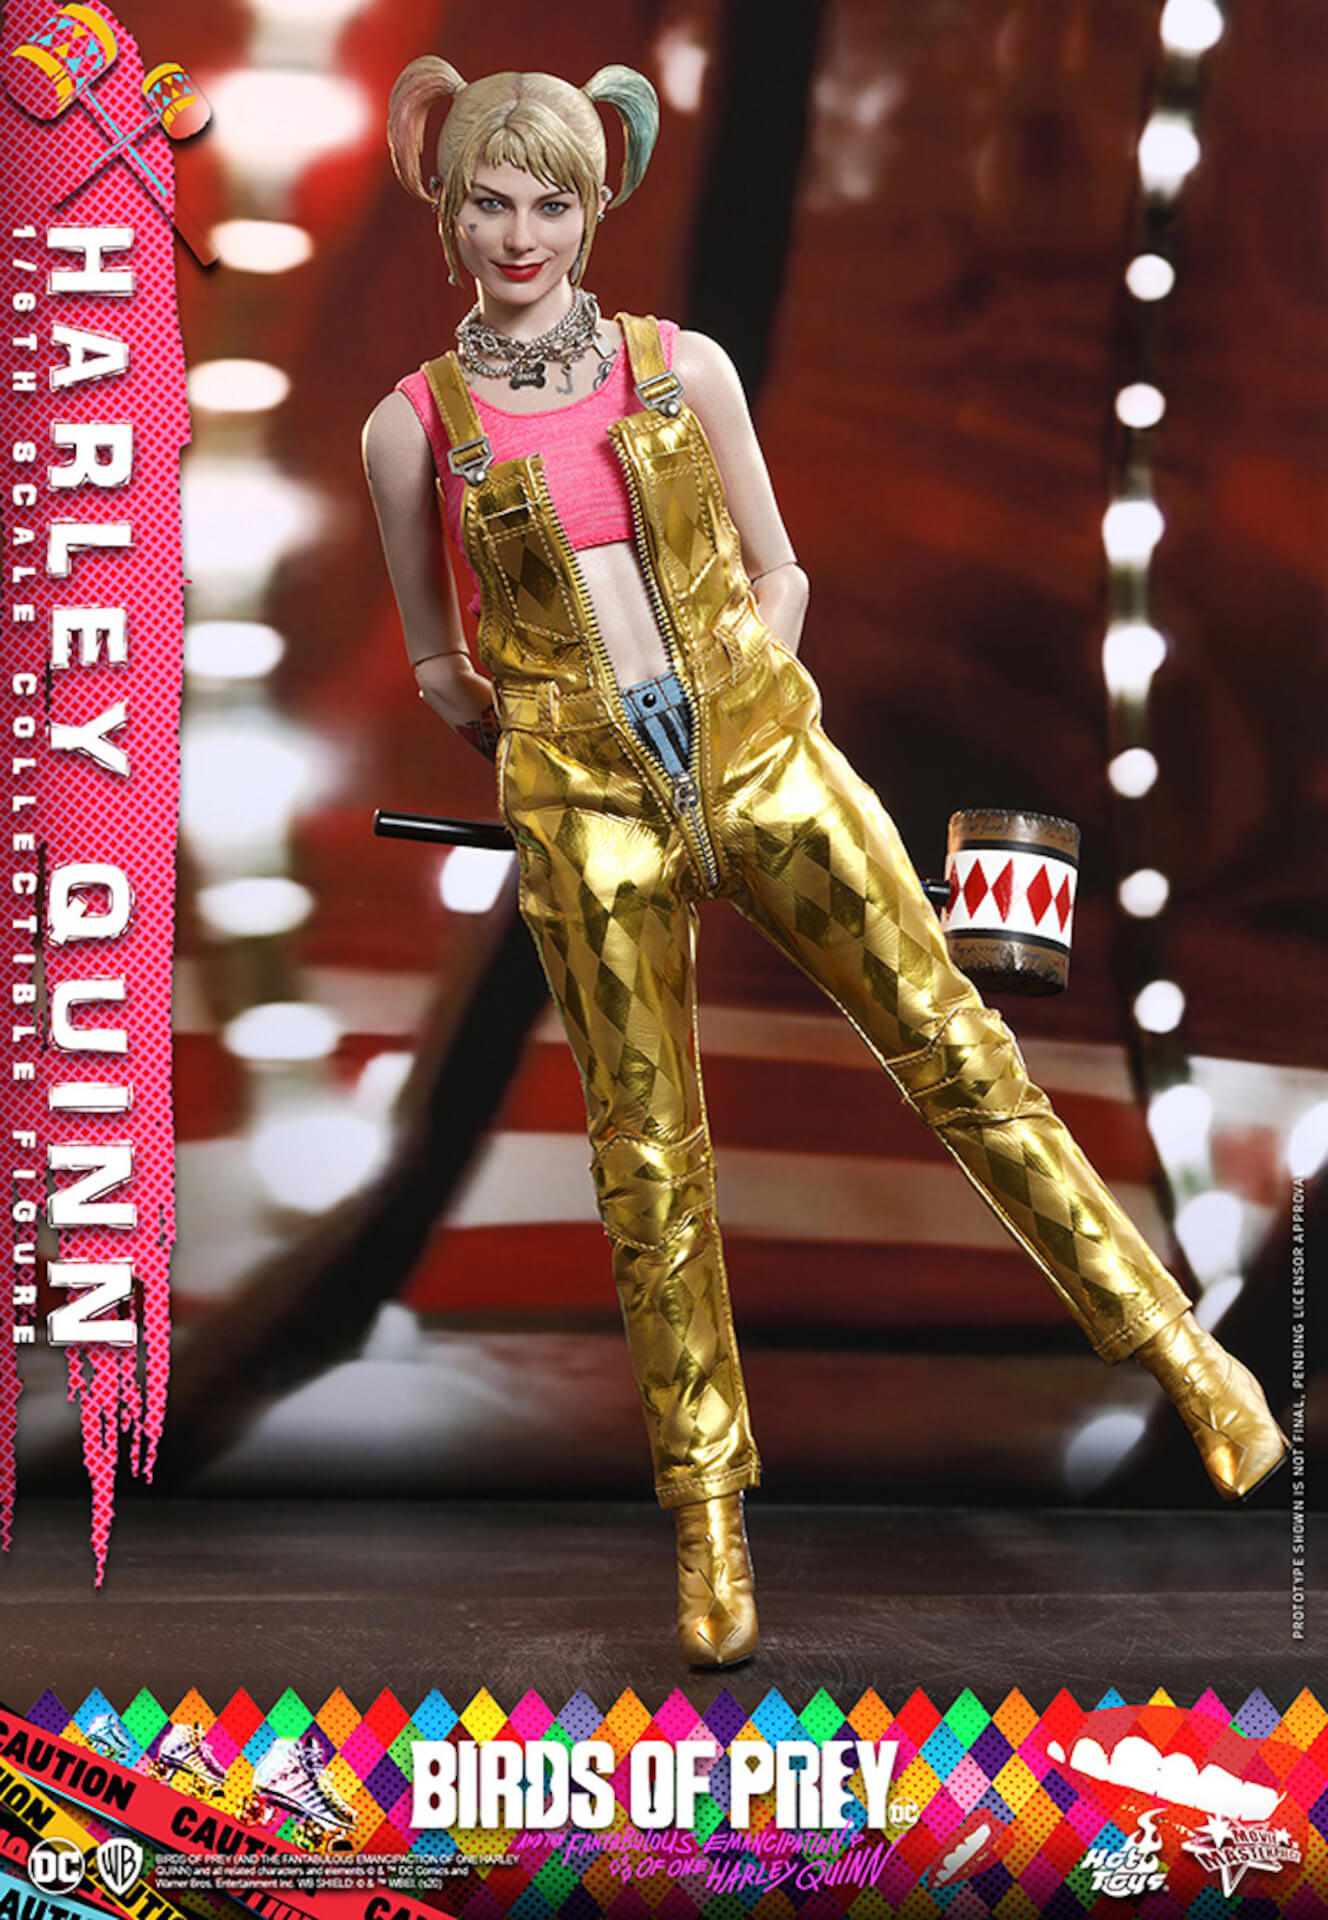 マーゴット・ロビー演じるハーレイ・クインがついに超精巧なフィギュアに!ホットトイズから『ハーレイ・クインの華麗なる覚醒』のフィギュアが登場 art200323_harleyquin_4